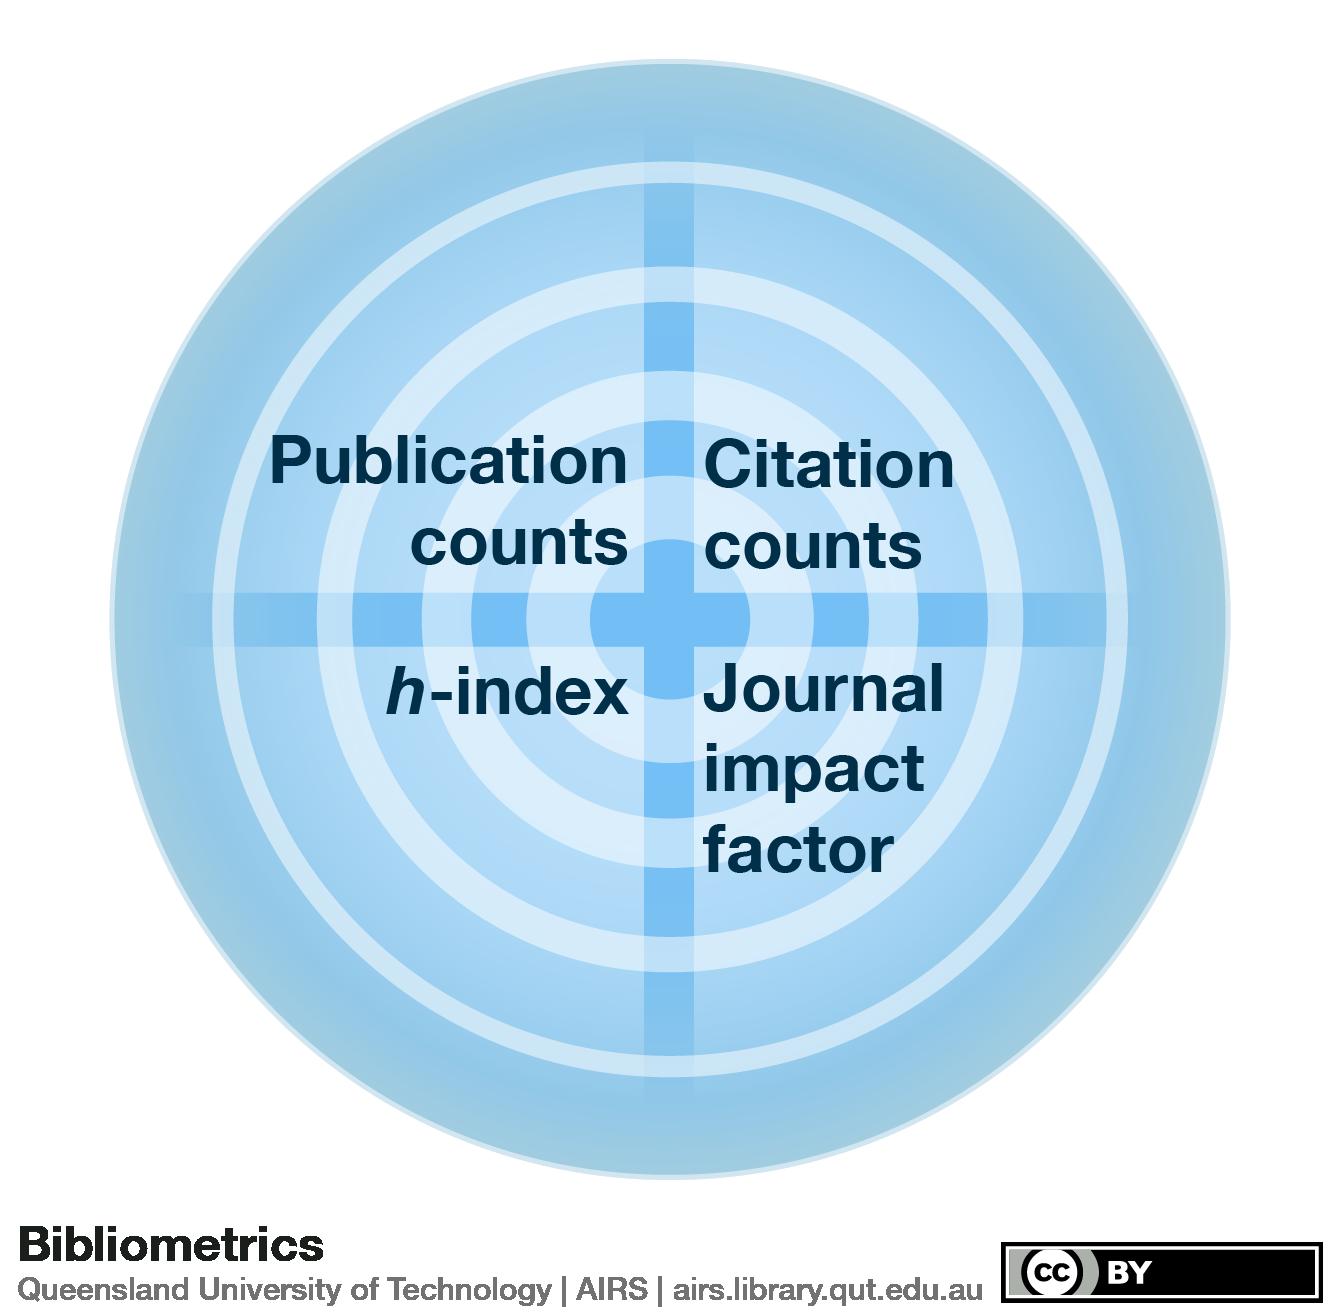 Bibliometrics Infographic